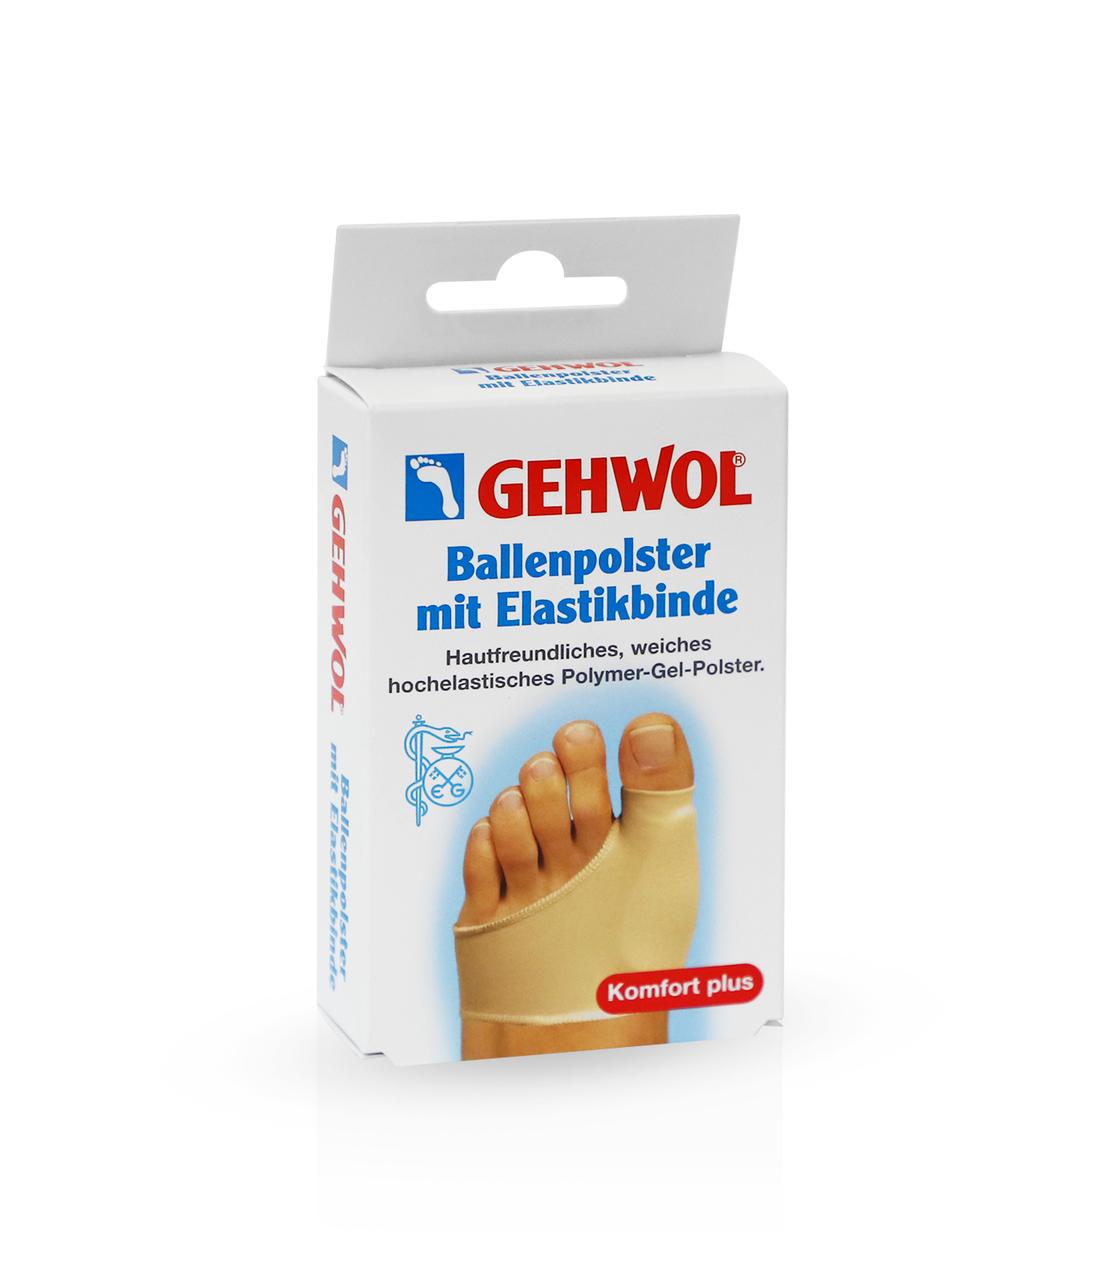 Защитная накладка на большой палец из гель-полимера и эластичной ткани GEHWOL